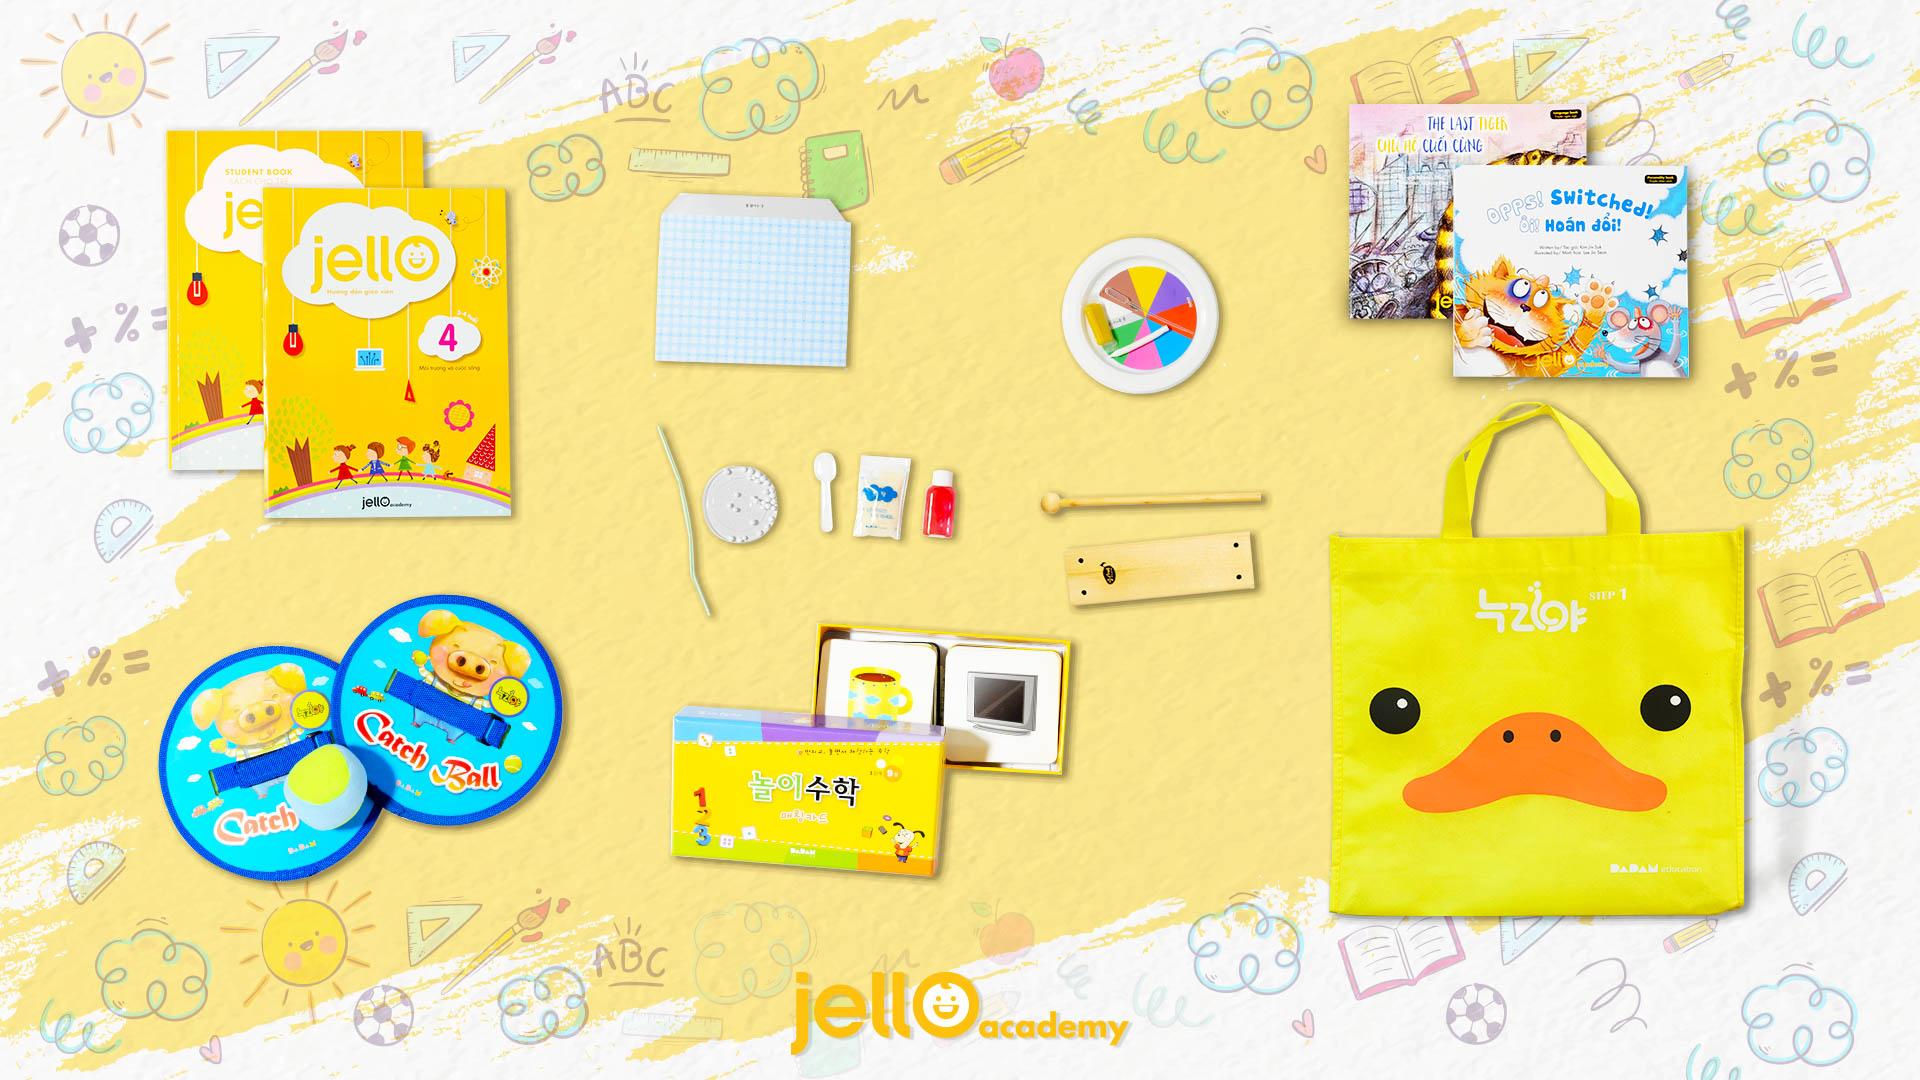 Bộ Học Cụ Jello - 3 Tuổi - Tháng 04